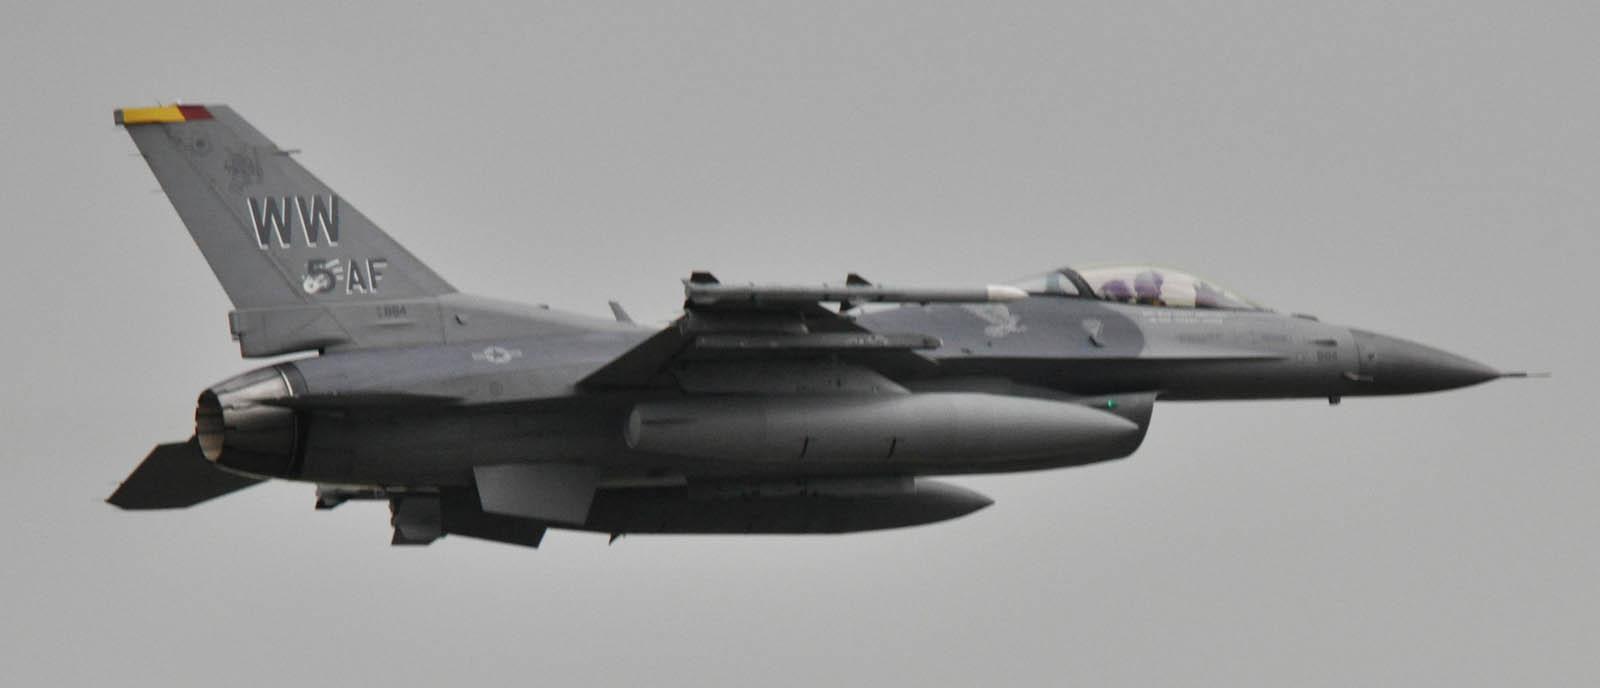 F16cj120530g626